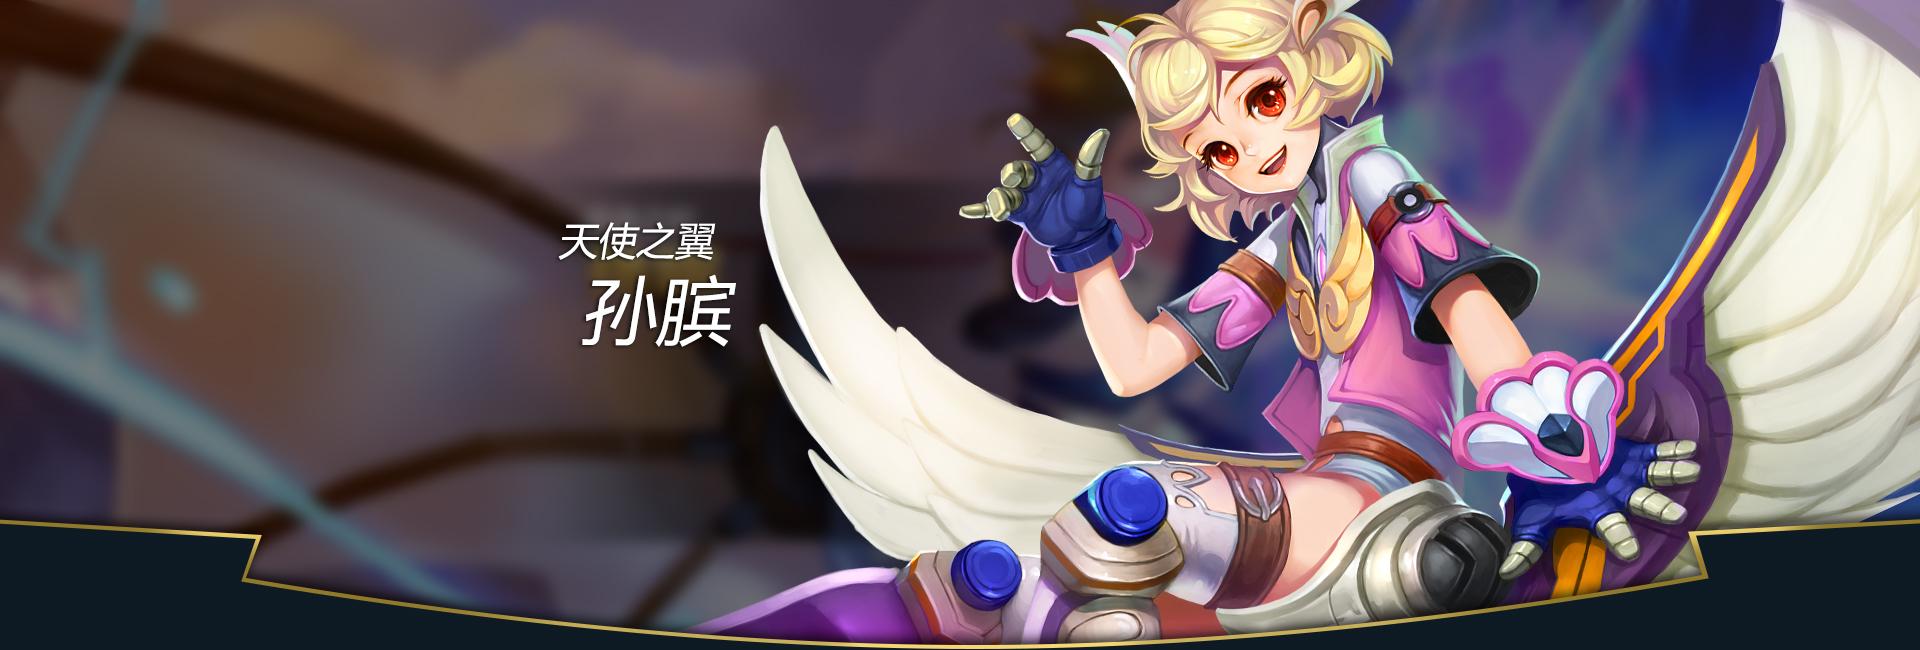 第2弹《王者荣耀英雄皮肤CG》竞技游戏140